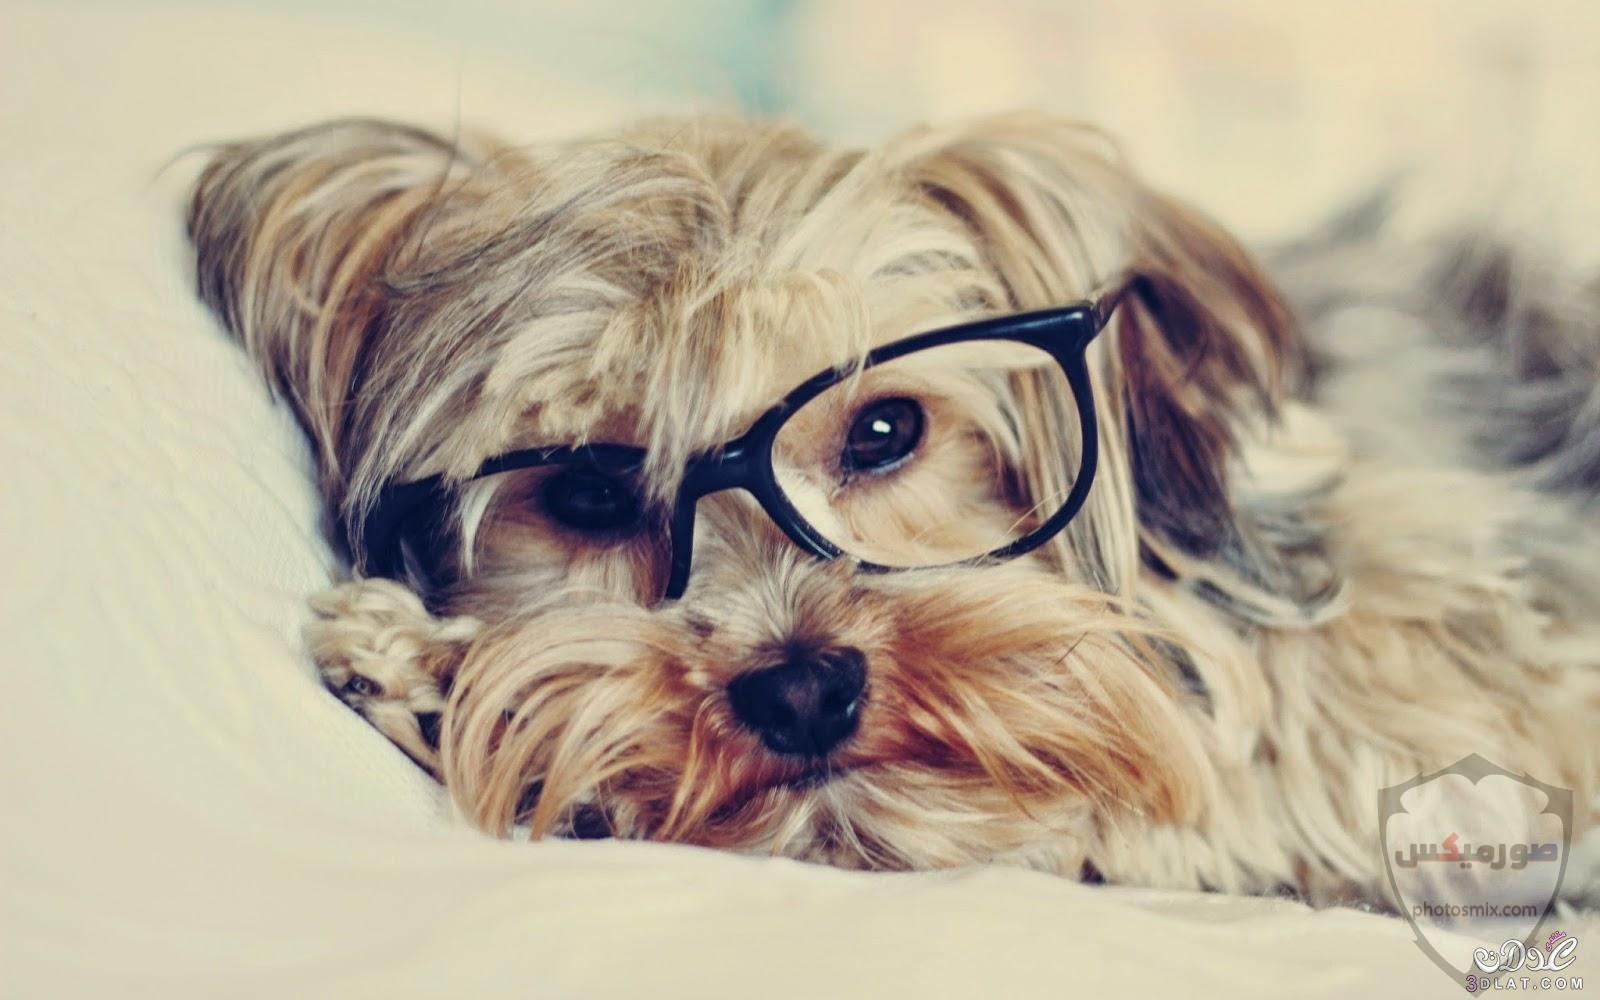 صور رمزيات خلفيات كلاب كيوت صورة كلب كيوت جدا 57